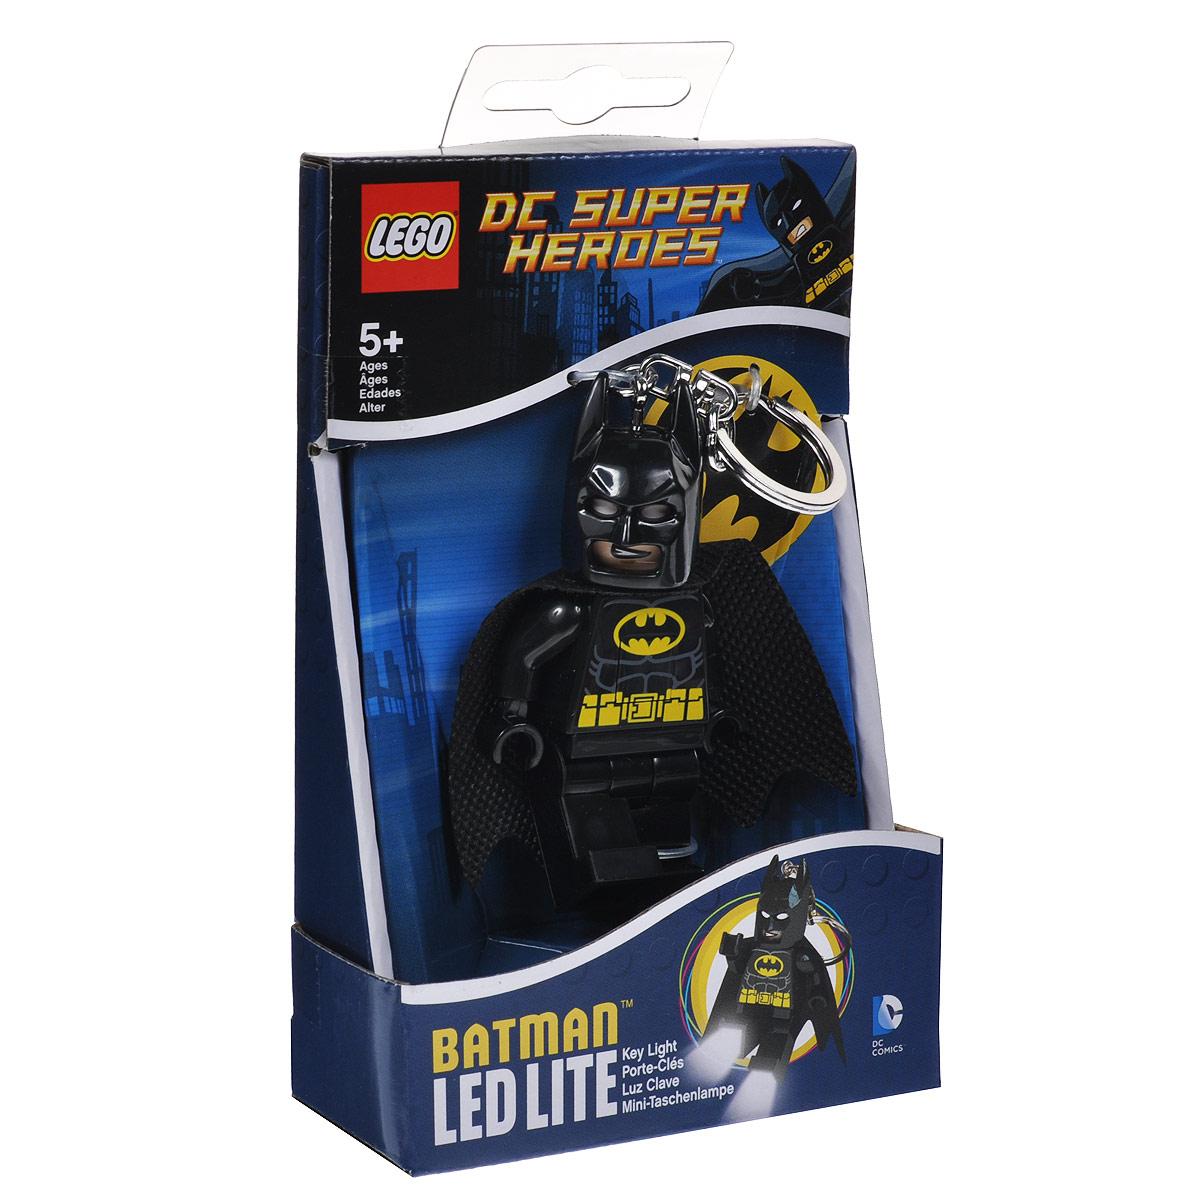 Брелок-фонарик для ключей Lego BatmanLGL-KE26Брелок-фонарик для ключей Lego Batman станет отличным подарком для знакомых или коллег по работе. Его можно пристегнуть к рюкзаку, сумке или повесить на связку ключей. Lego Batman - это современный осветительный прибор в классической форме фигурки Lego с подвижными конечностями. В ноги фигурки встроены два ярких светодиода, которые включаются нажатием на кнопку, расположенную на животе человечка.